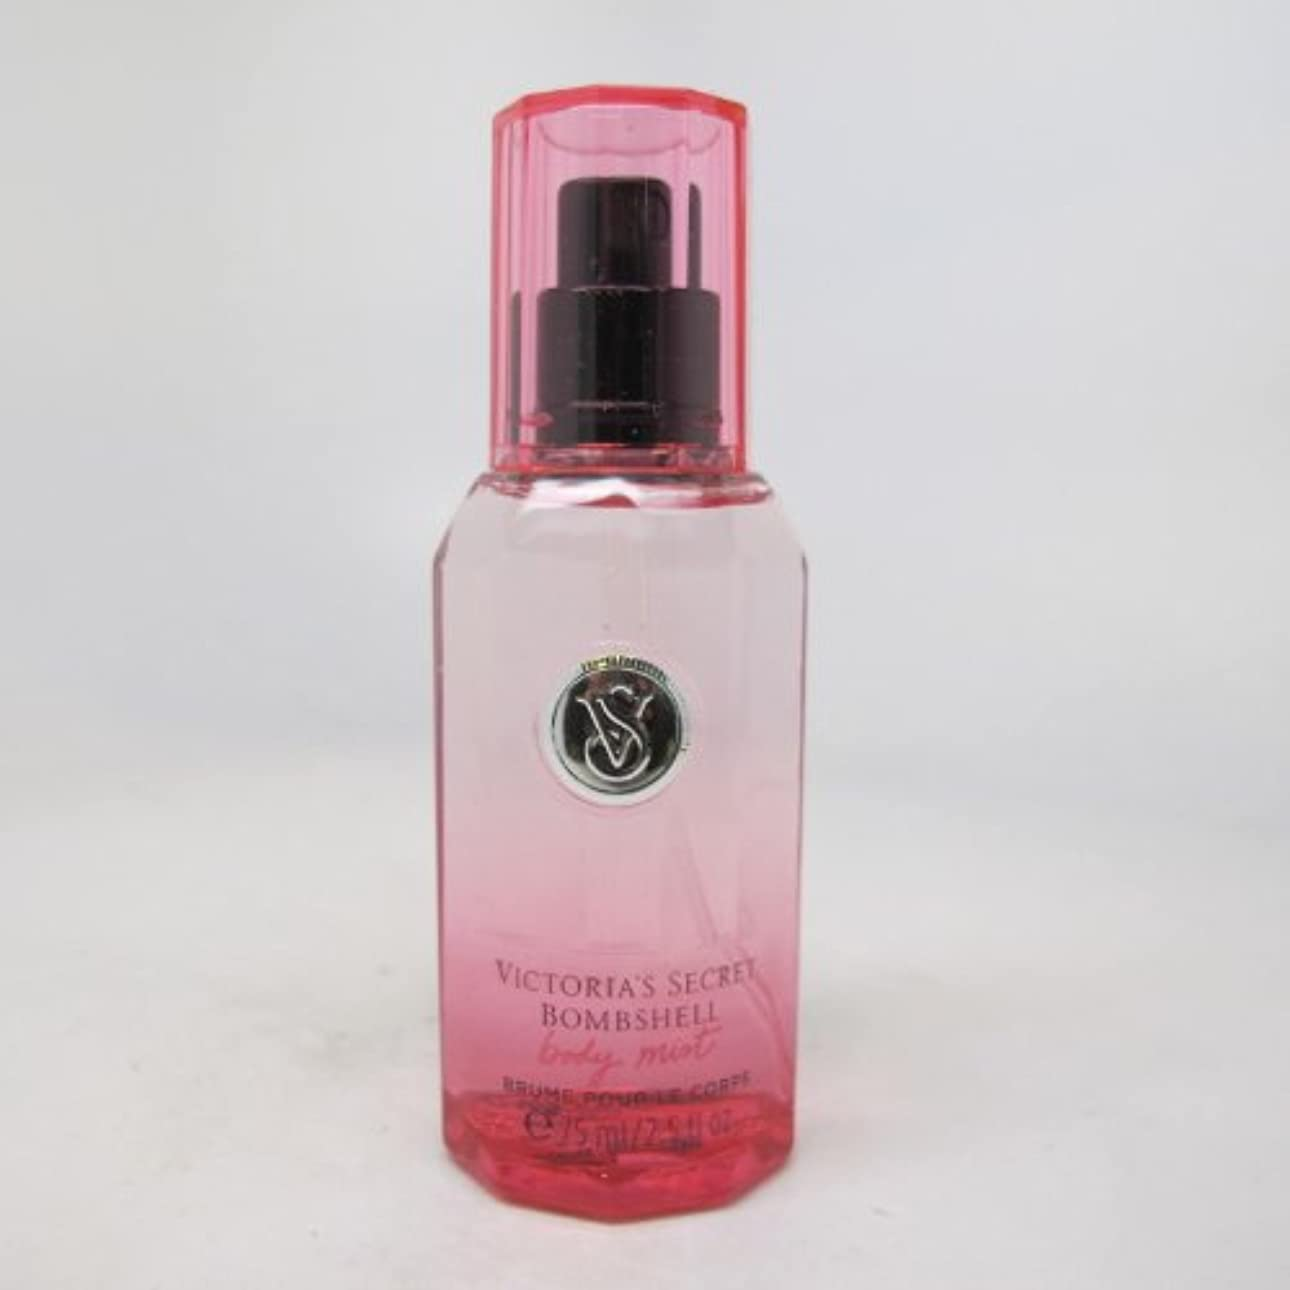 瞑想的敬意を表して救援Bombshell (ボム シェル) 2.5 oz (75ml) Body Mist by Victoria Secret for Women[海外直送品]